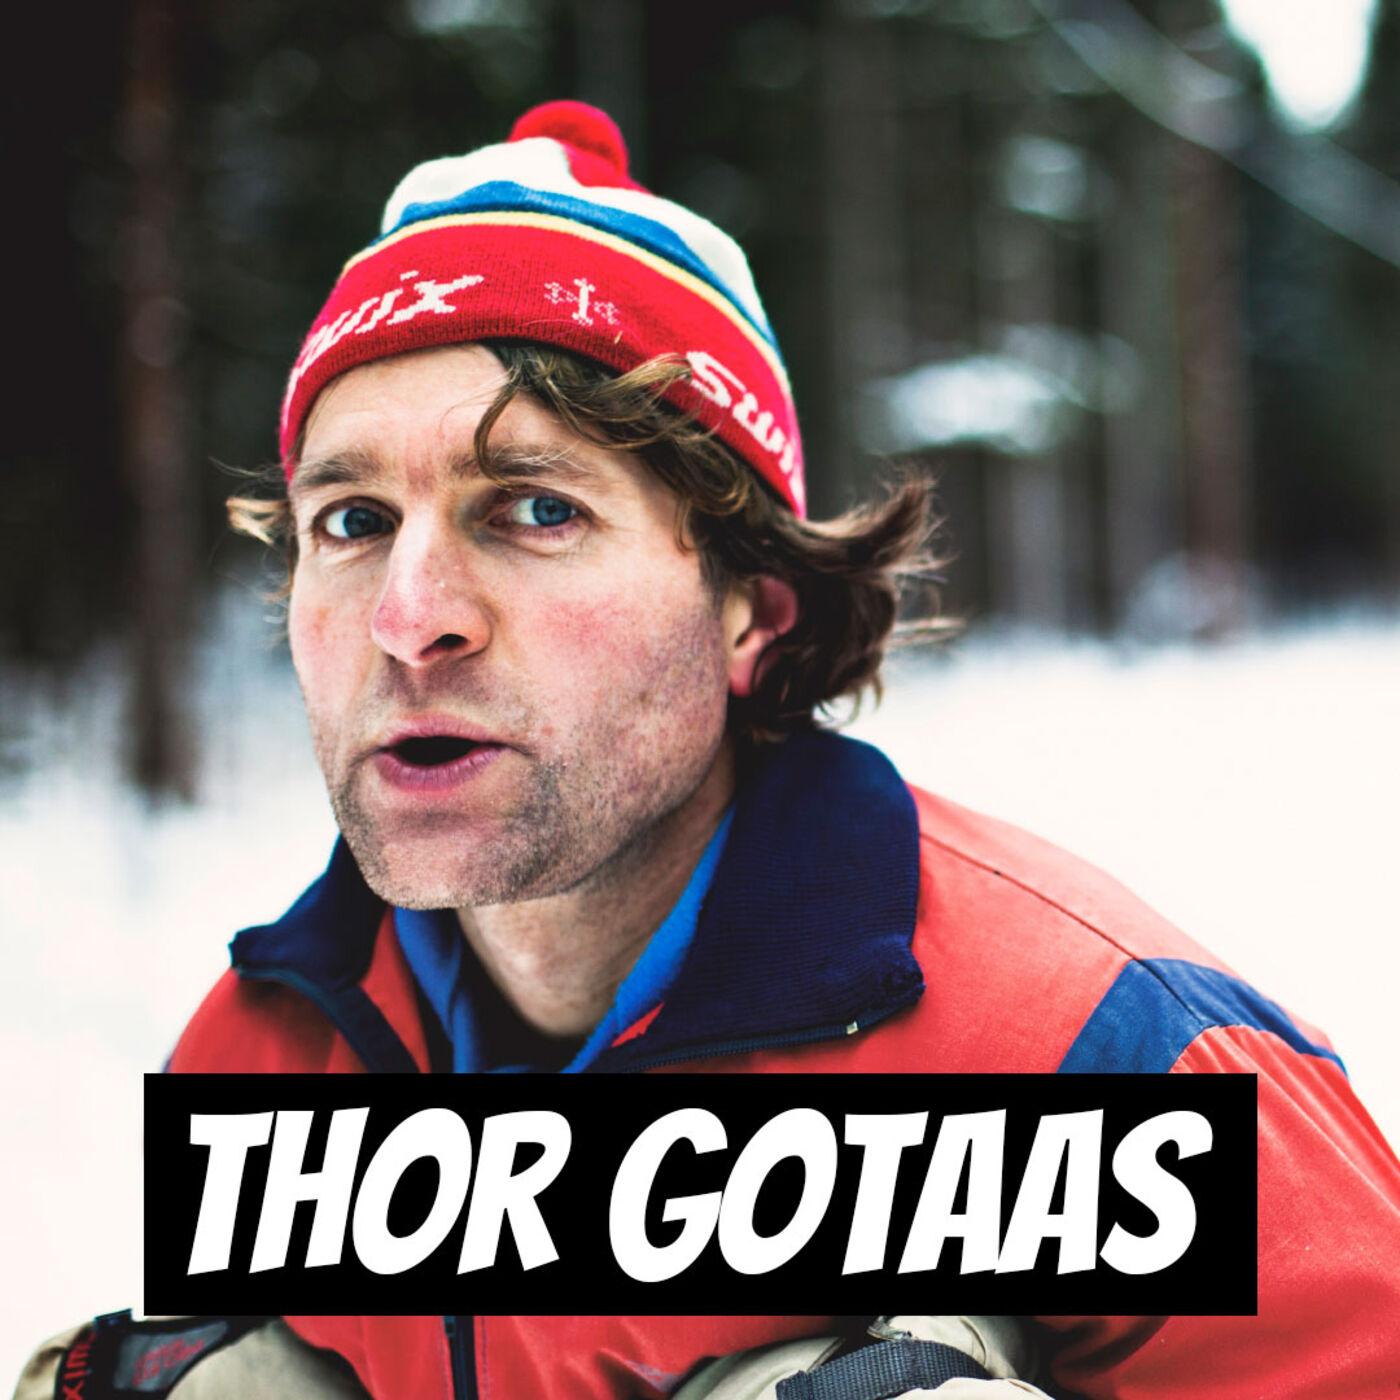 #118 - Thor Gotaas | Løping, Ultraløping, Idrettshistorie, Skriveprosessen, Langrenn, Skihopping